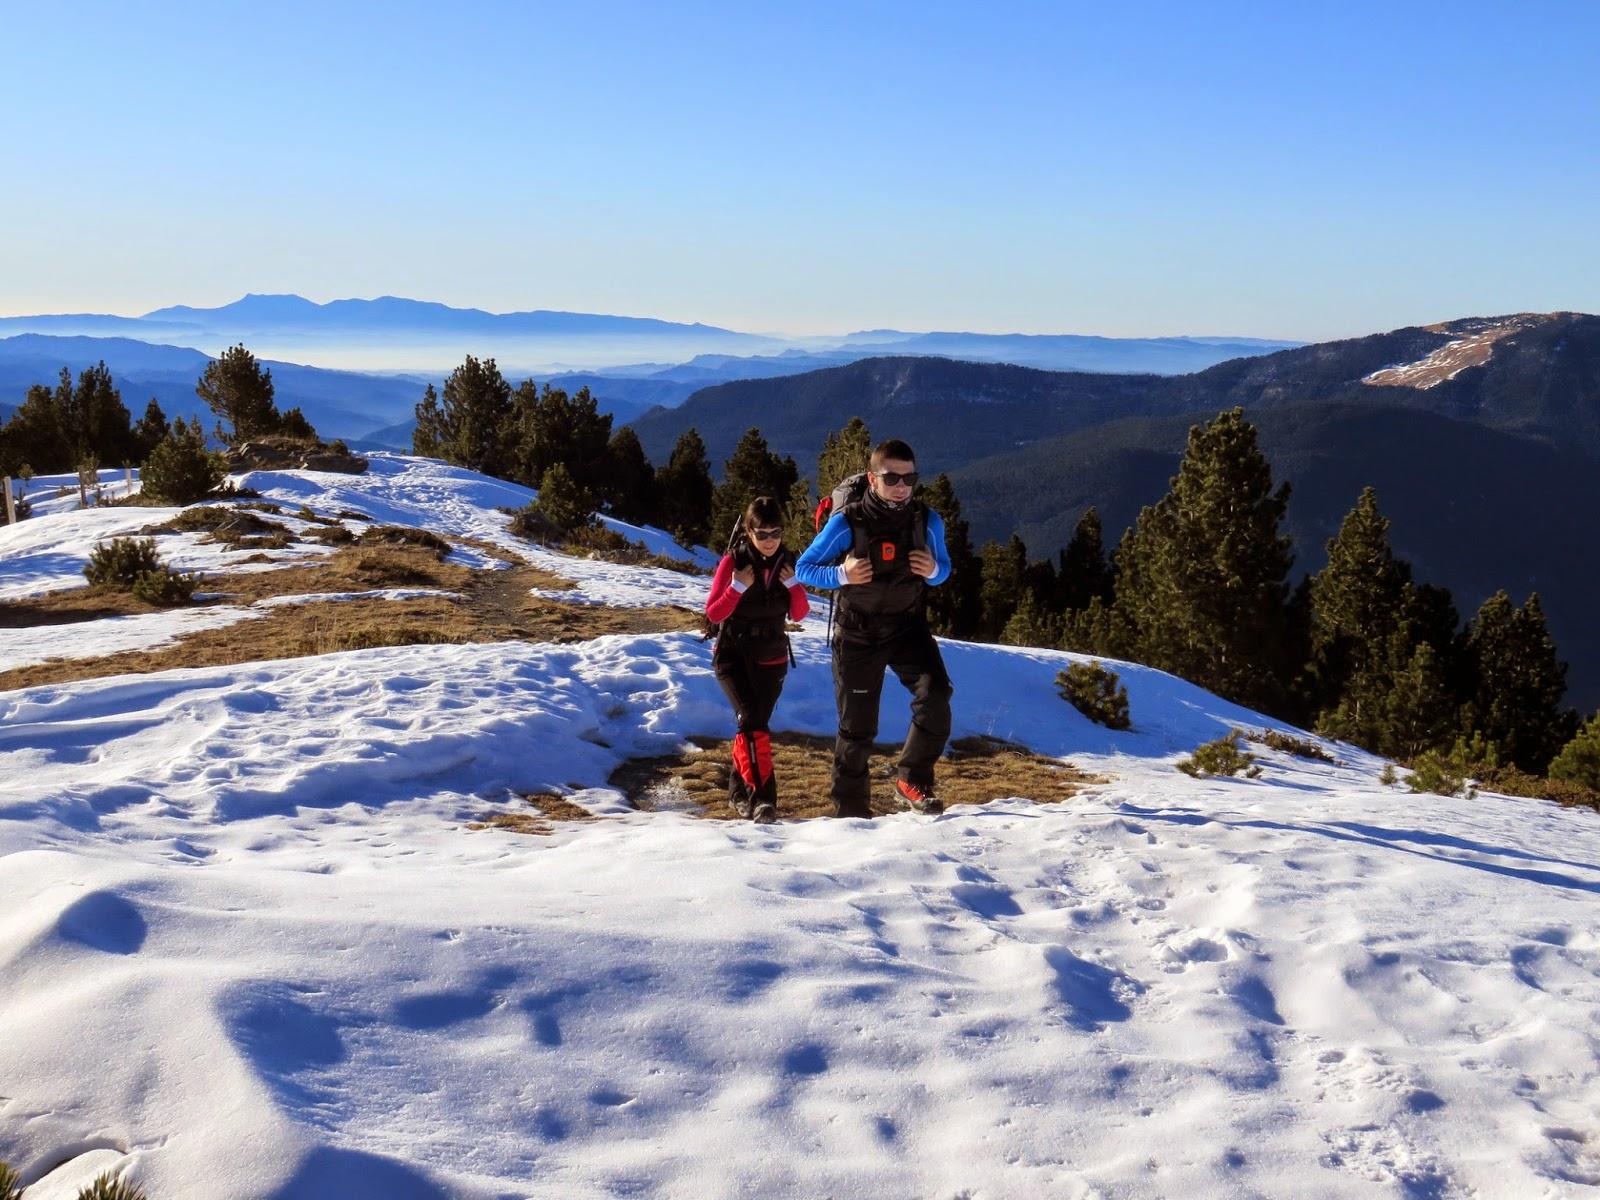 Carena de la Vaquerissa en la ascensión al Puigmal desde el Coll de les Barraques en invierno.